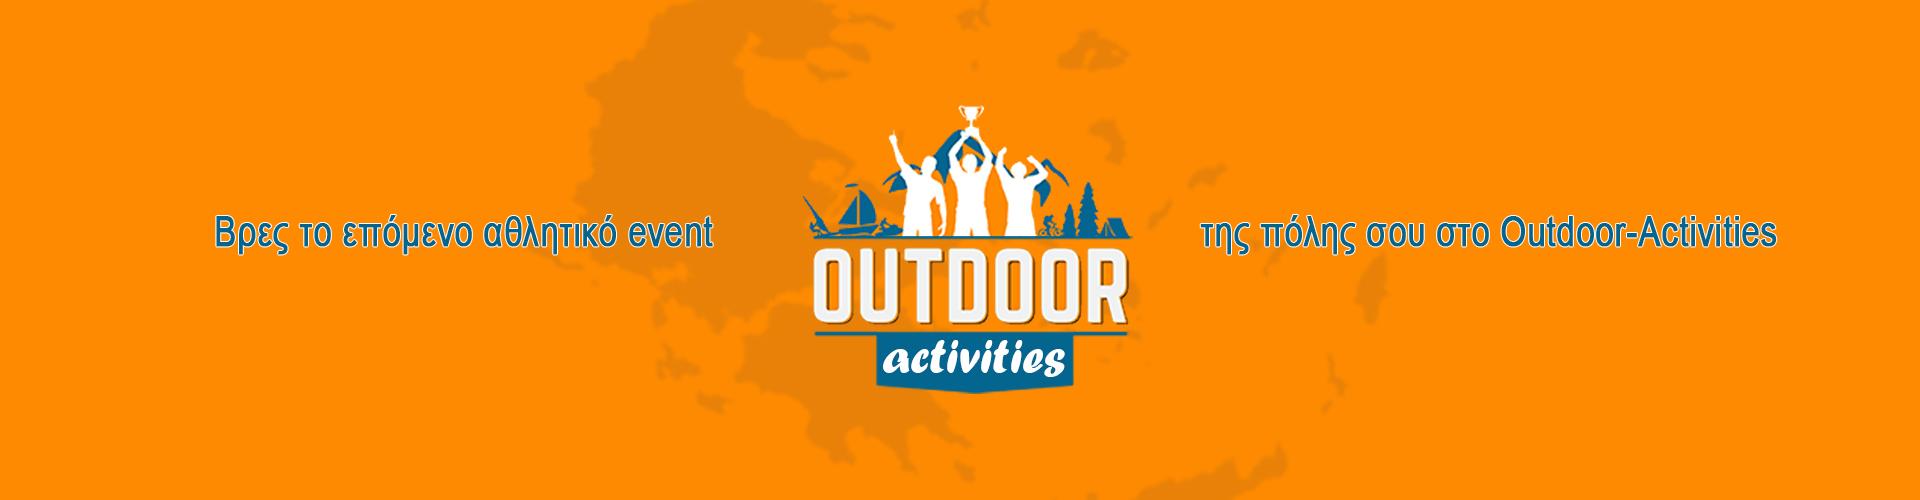 Outdoor-Activities_Locations